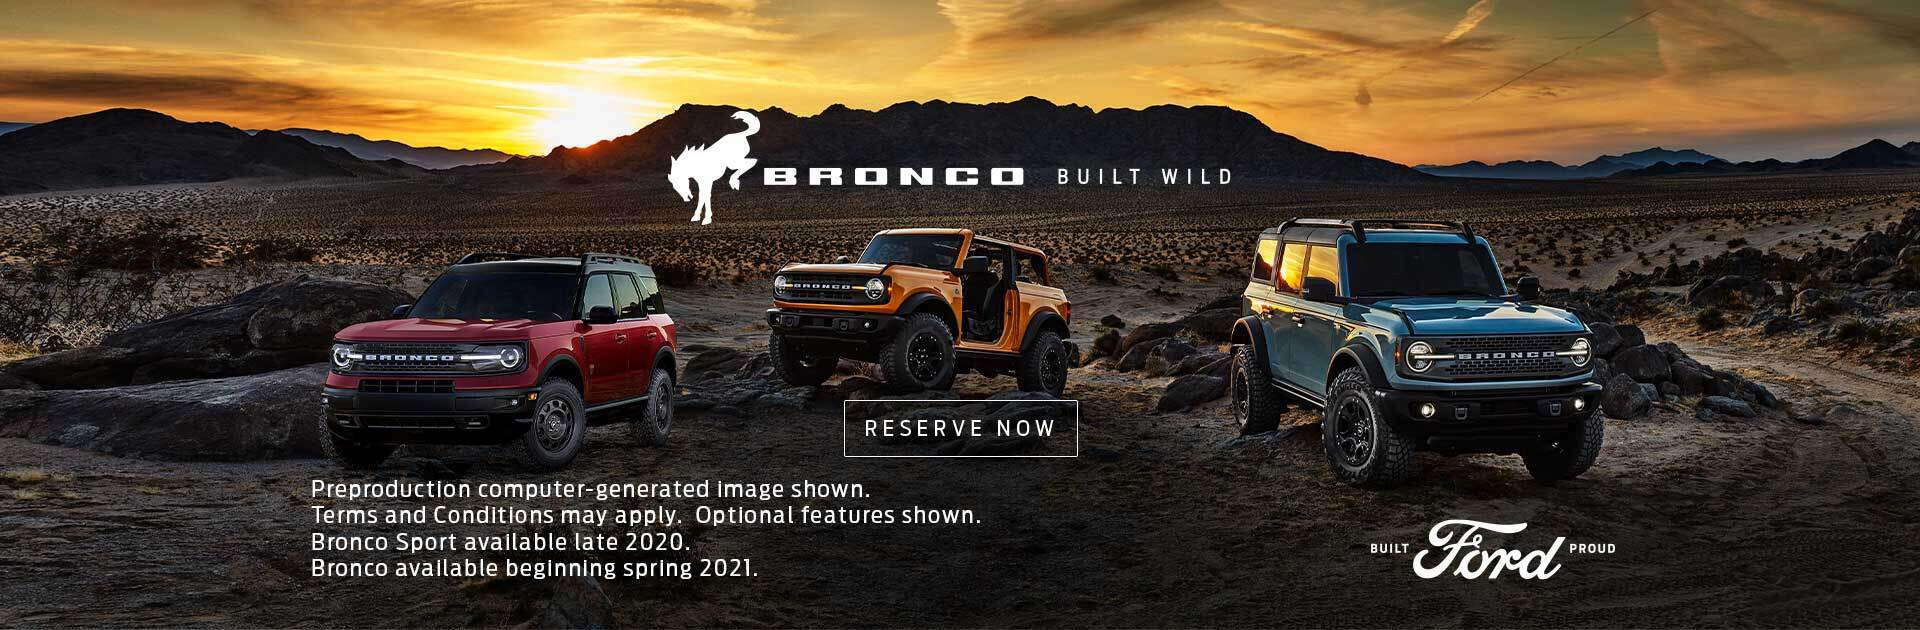 Bronco Reveal Dealercon 1920x630 V51